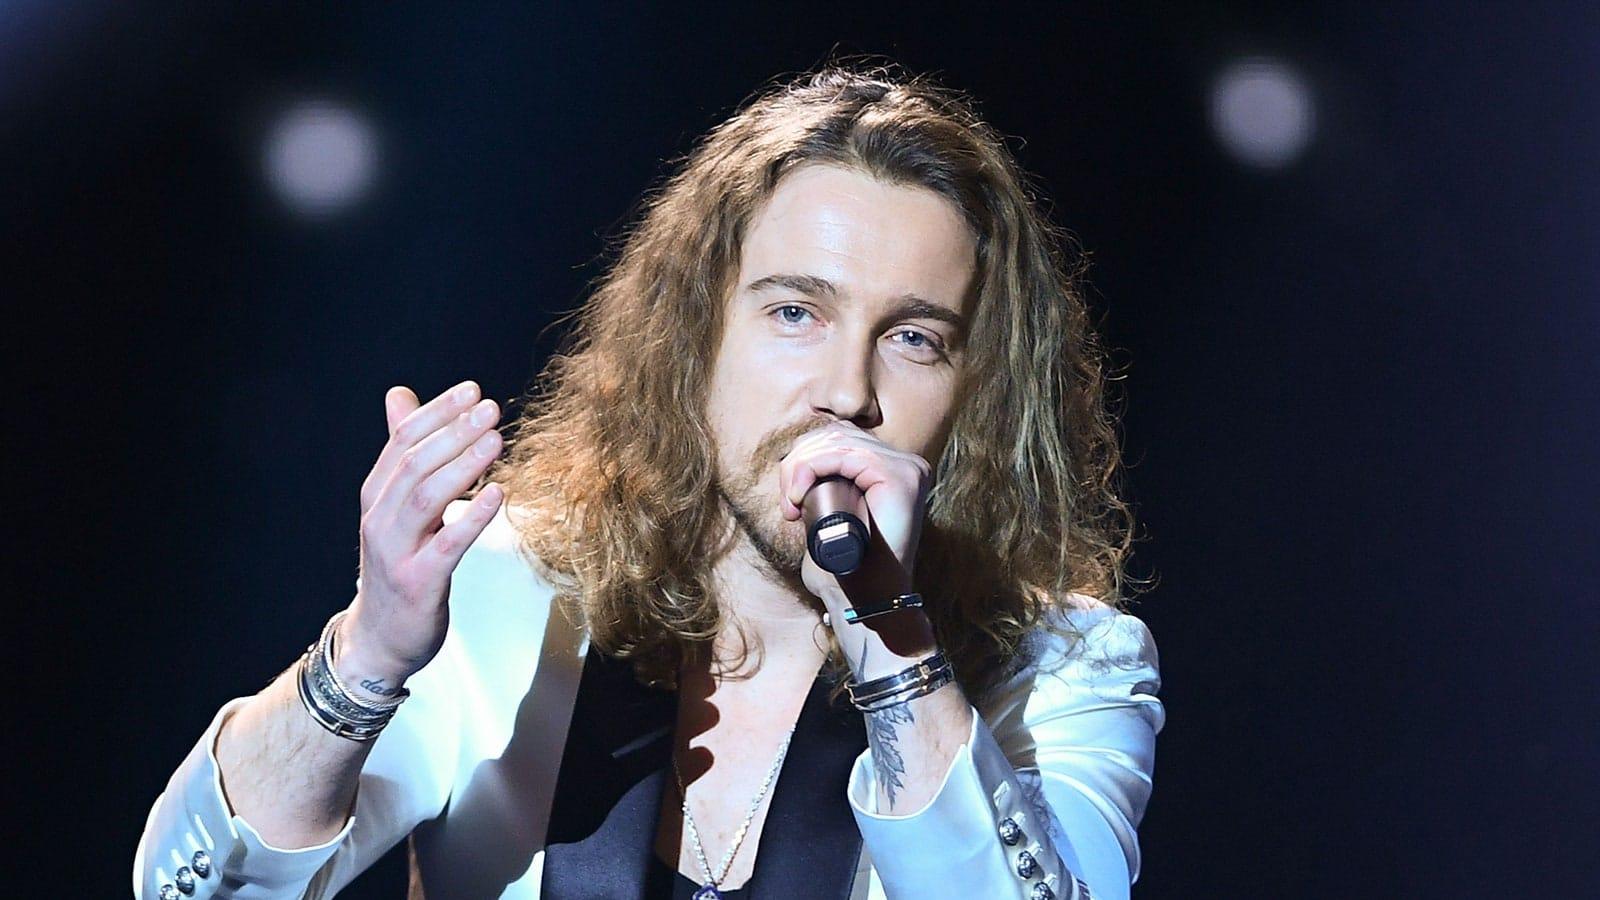 Julien Doré : Le chanteur reporte sa tournée à février 2022